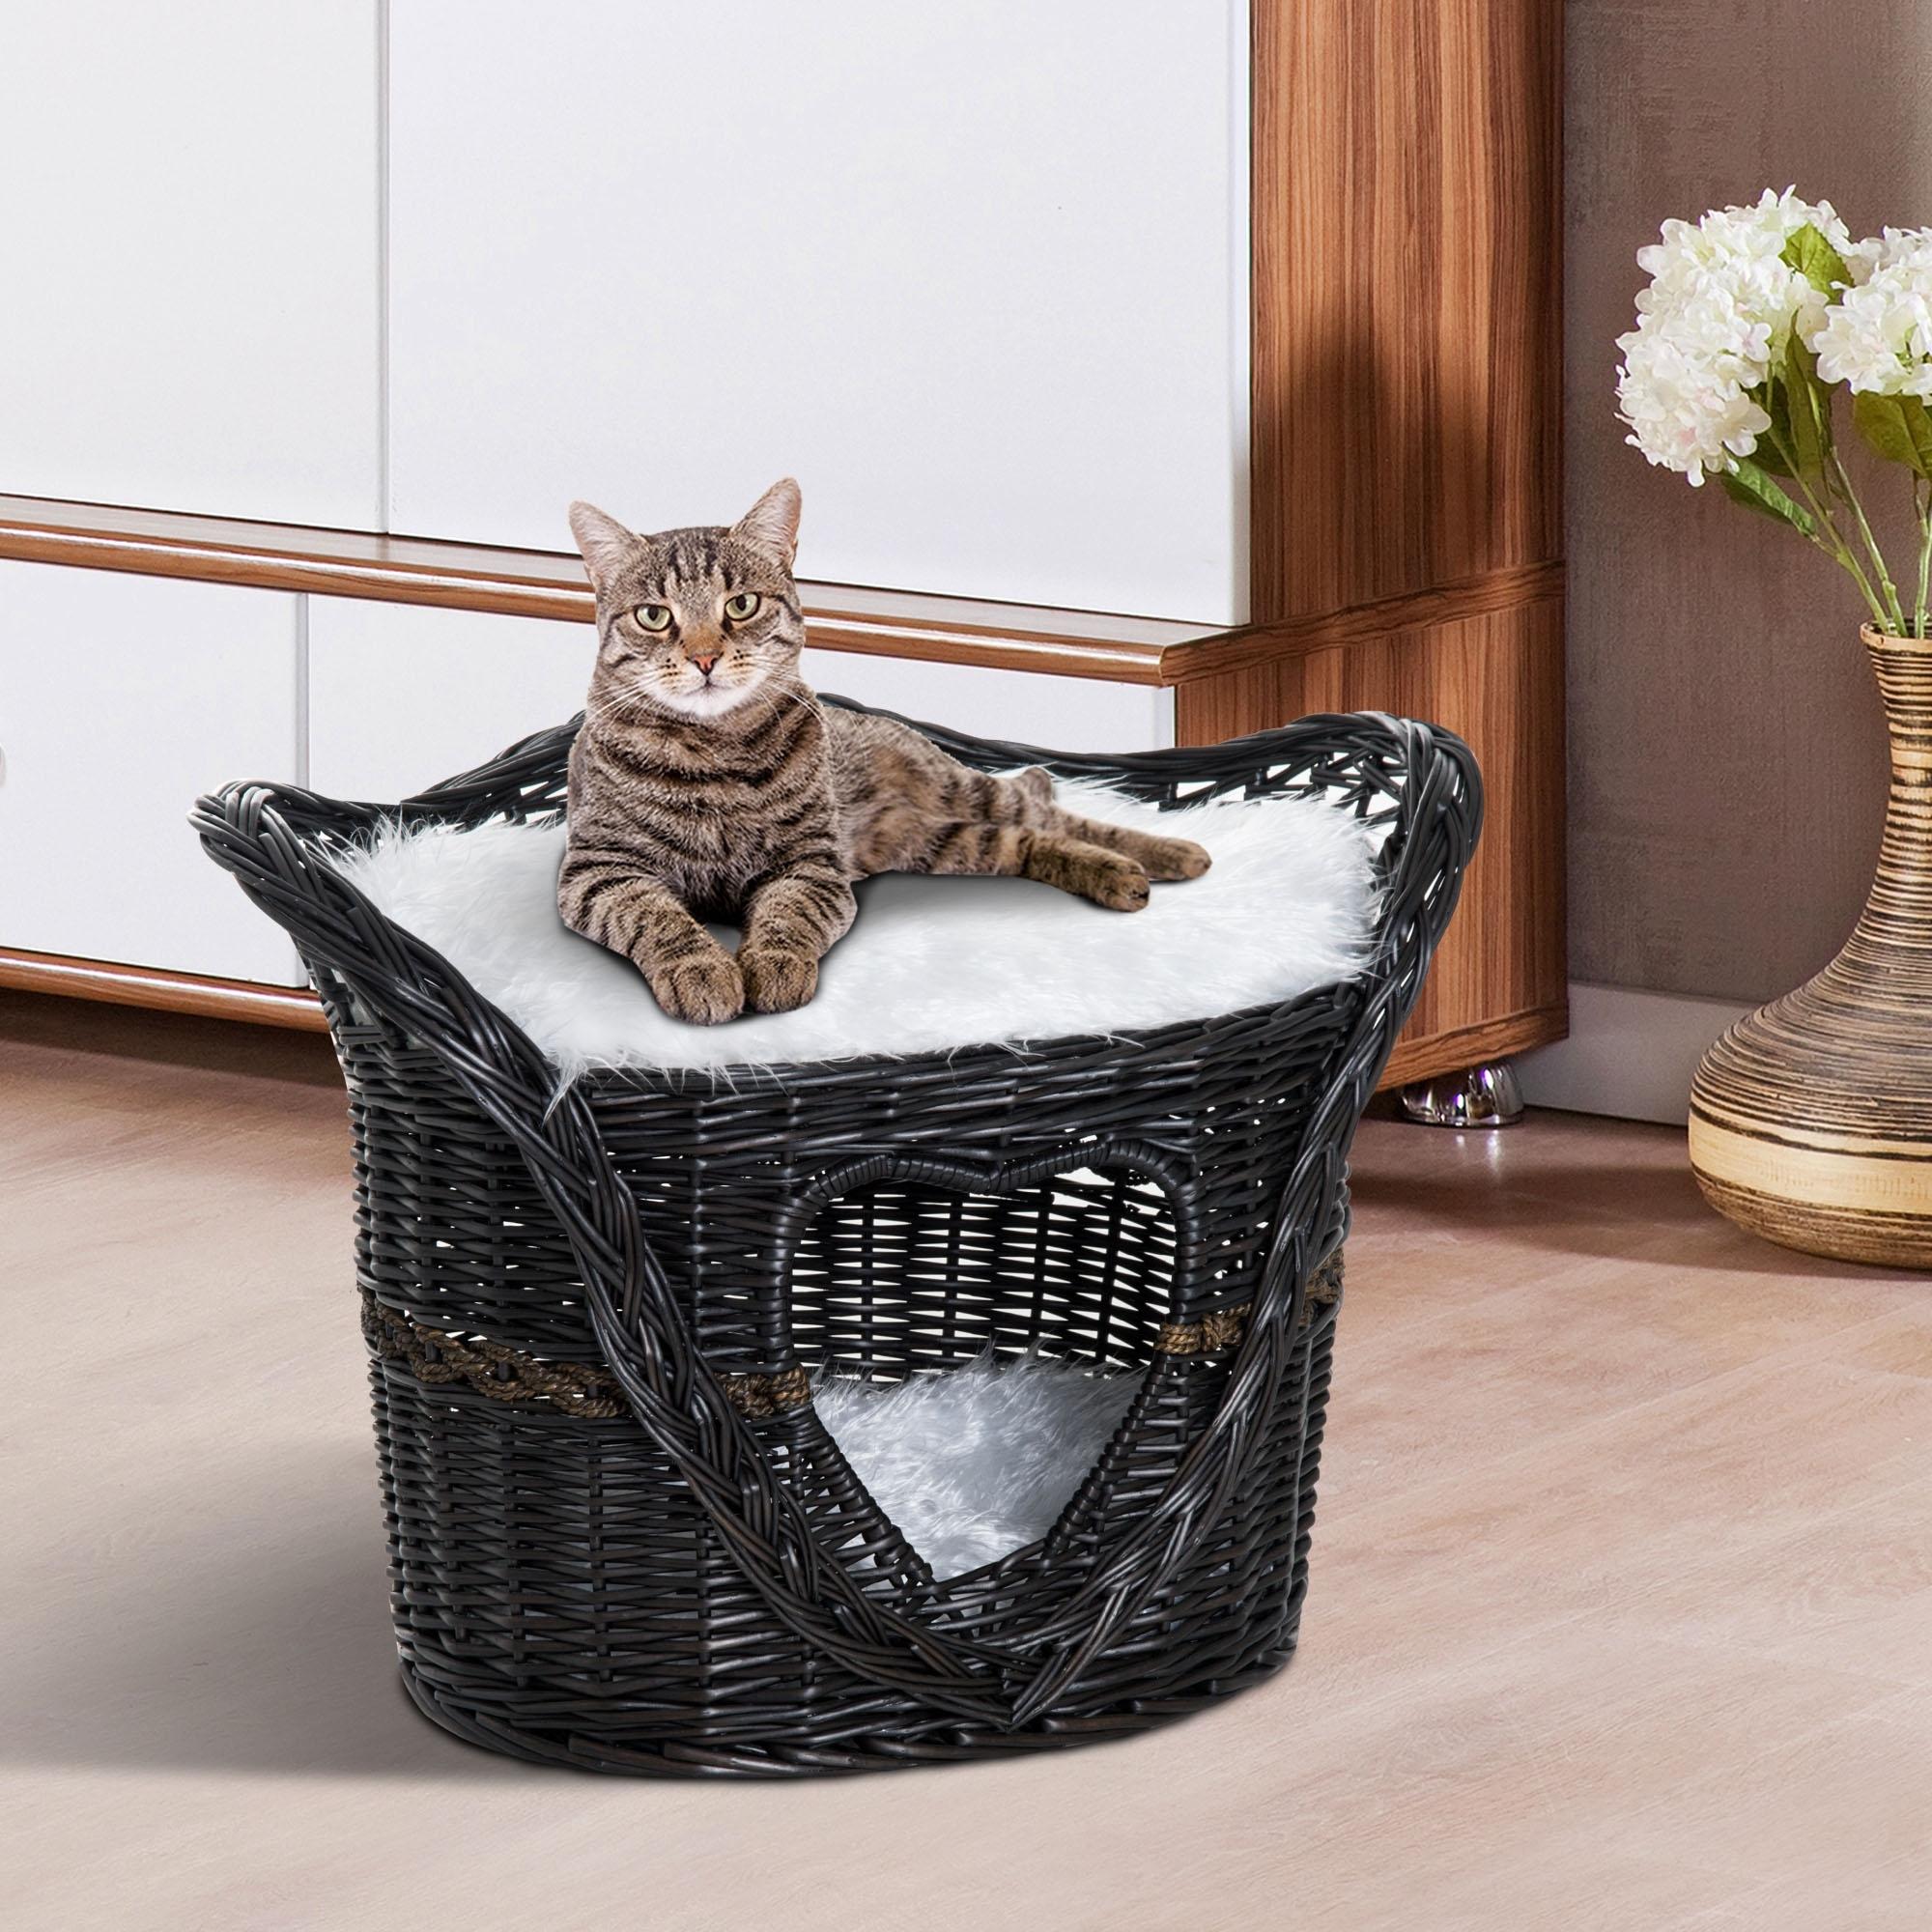 Grand Coussin Pour Exterieur eur59,90 pawhut niche pour chat extérieur intérieur maison